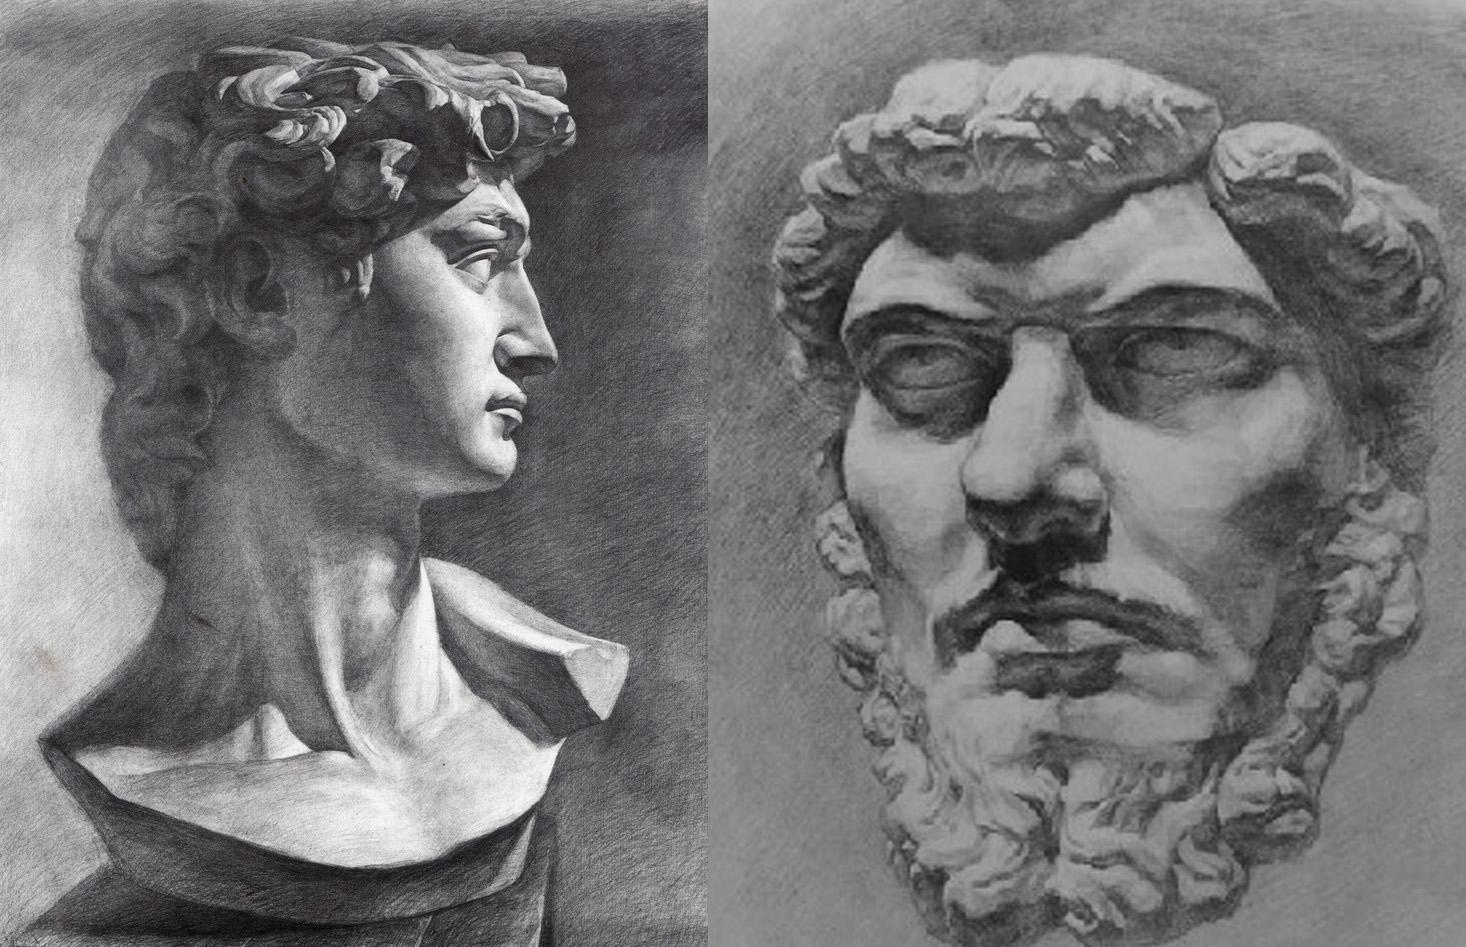 静物素描与石膏像素描是绘画的基础中的基础,是以最概括的方式